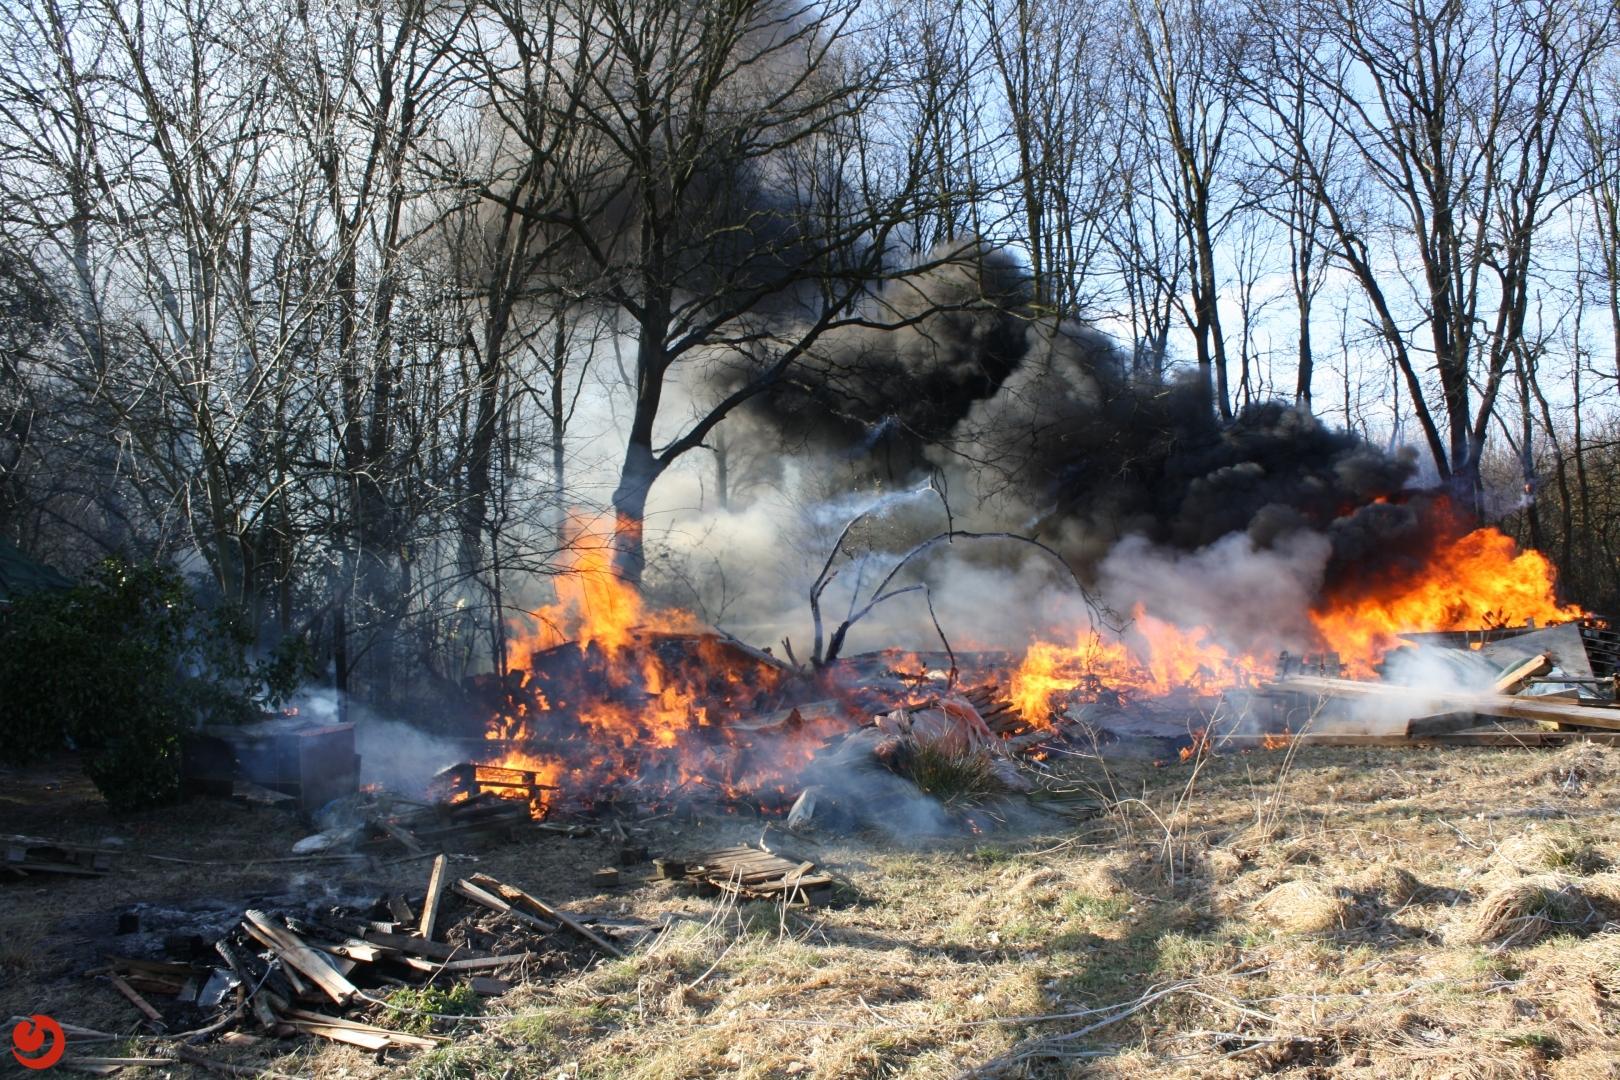 Brandje op erf loopt uit de hand